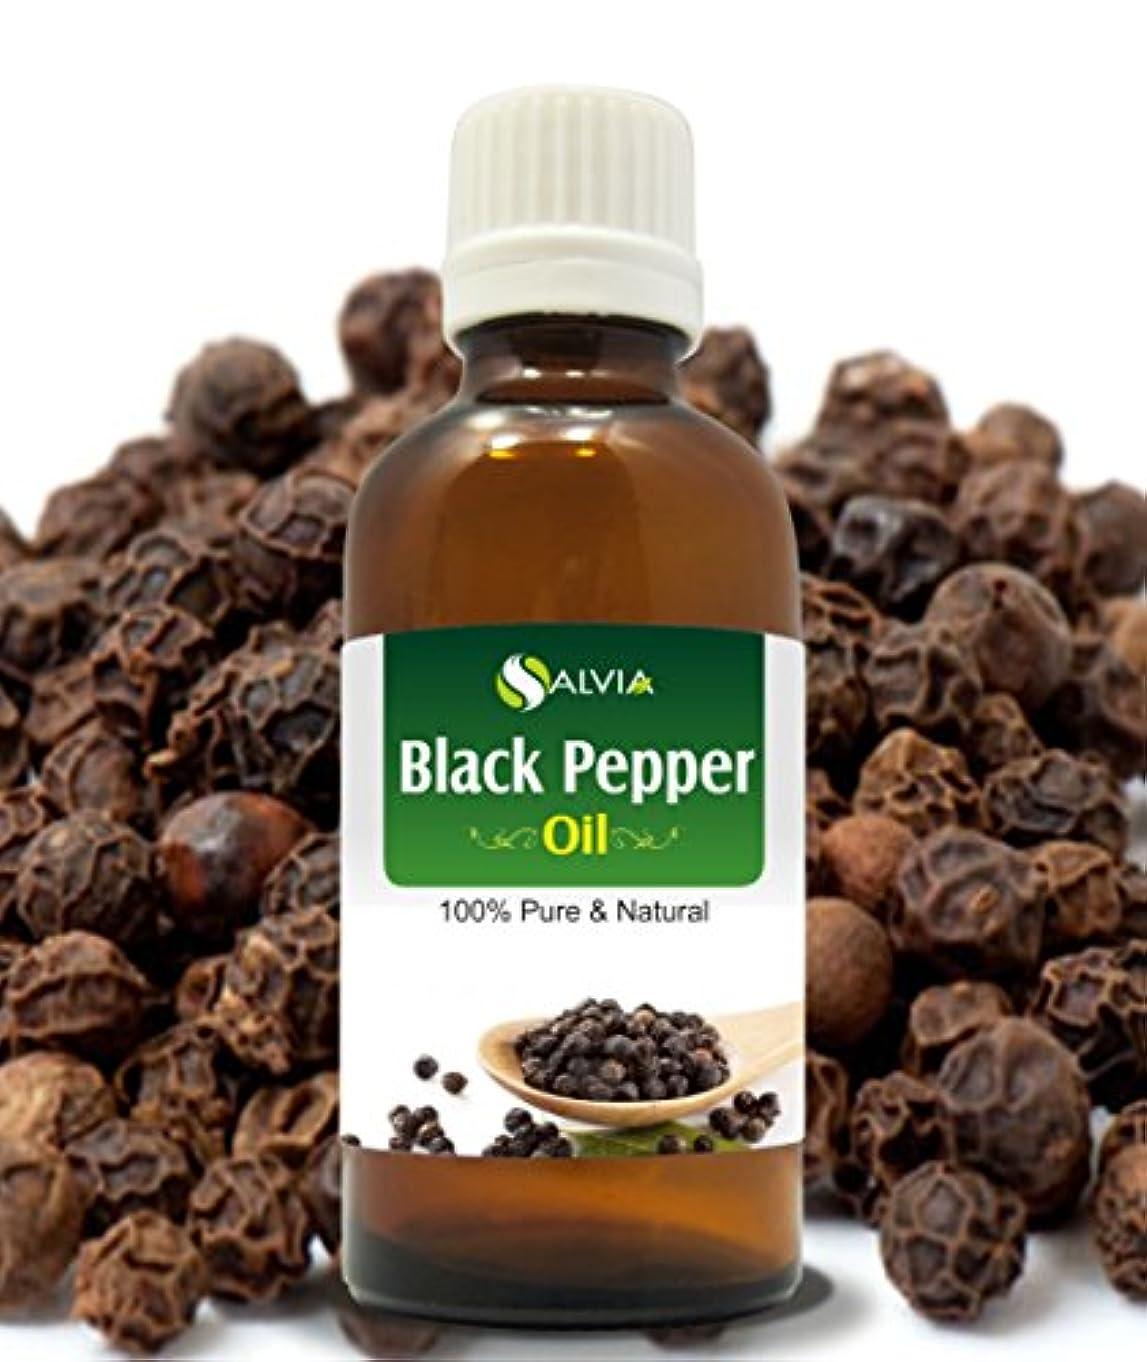 ハードウェア動員するオンBLACK PEPPER OIL 100% NATURAL PURE UNDILUTED UNCUT ESSENTIAL OIL 15ML